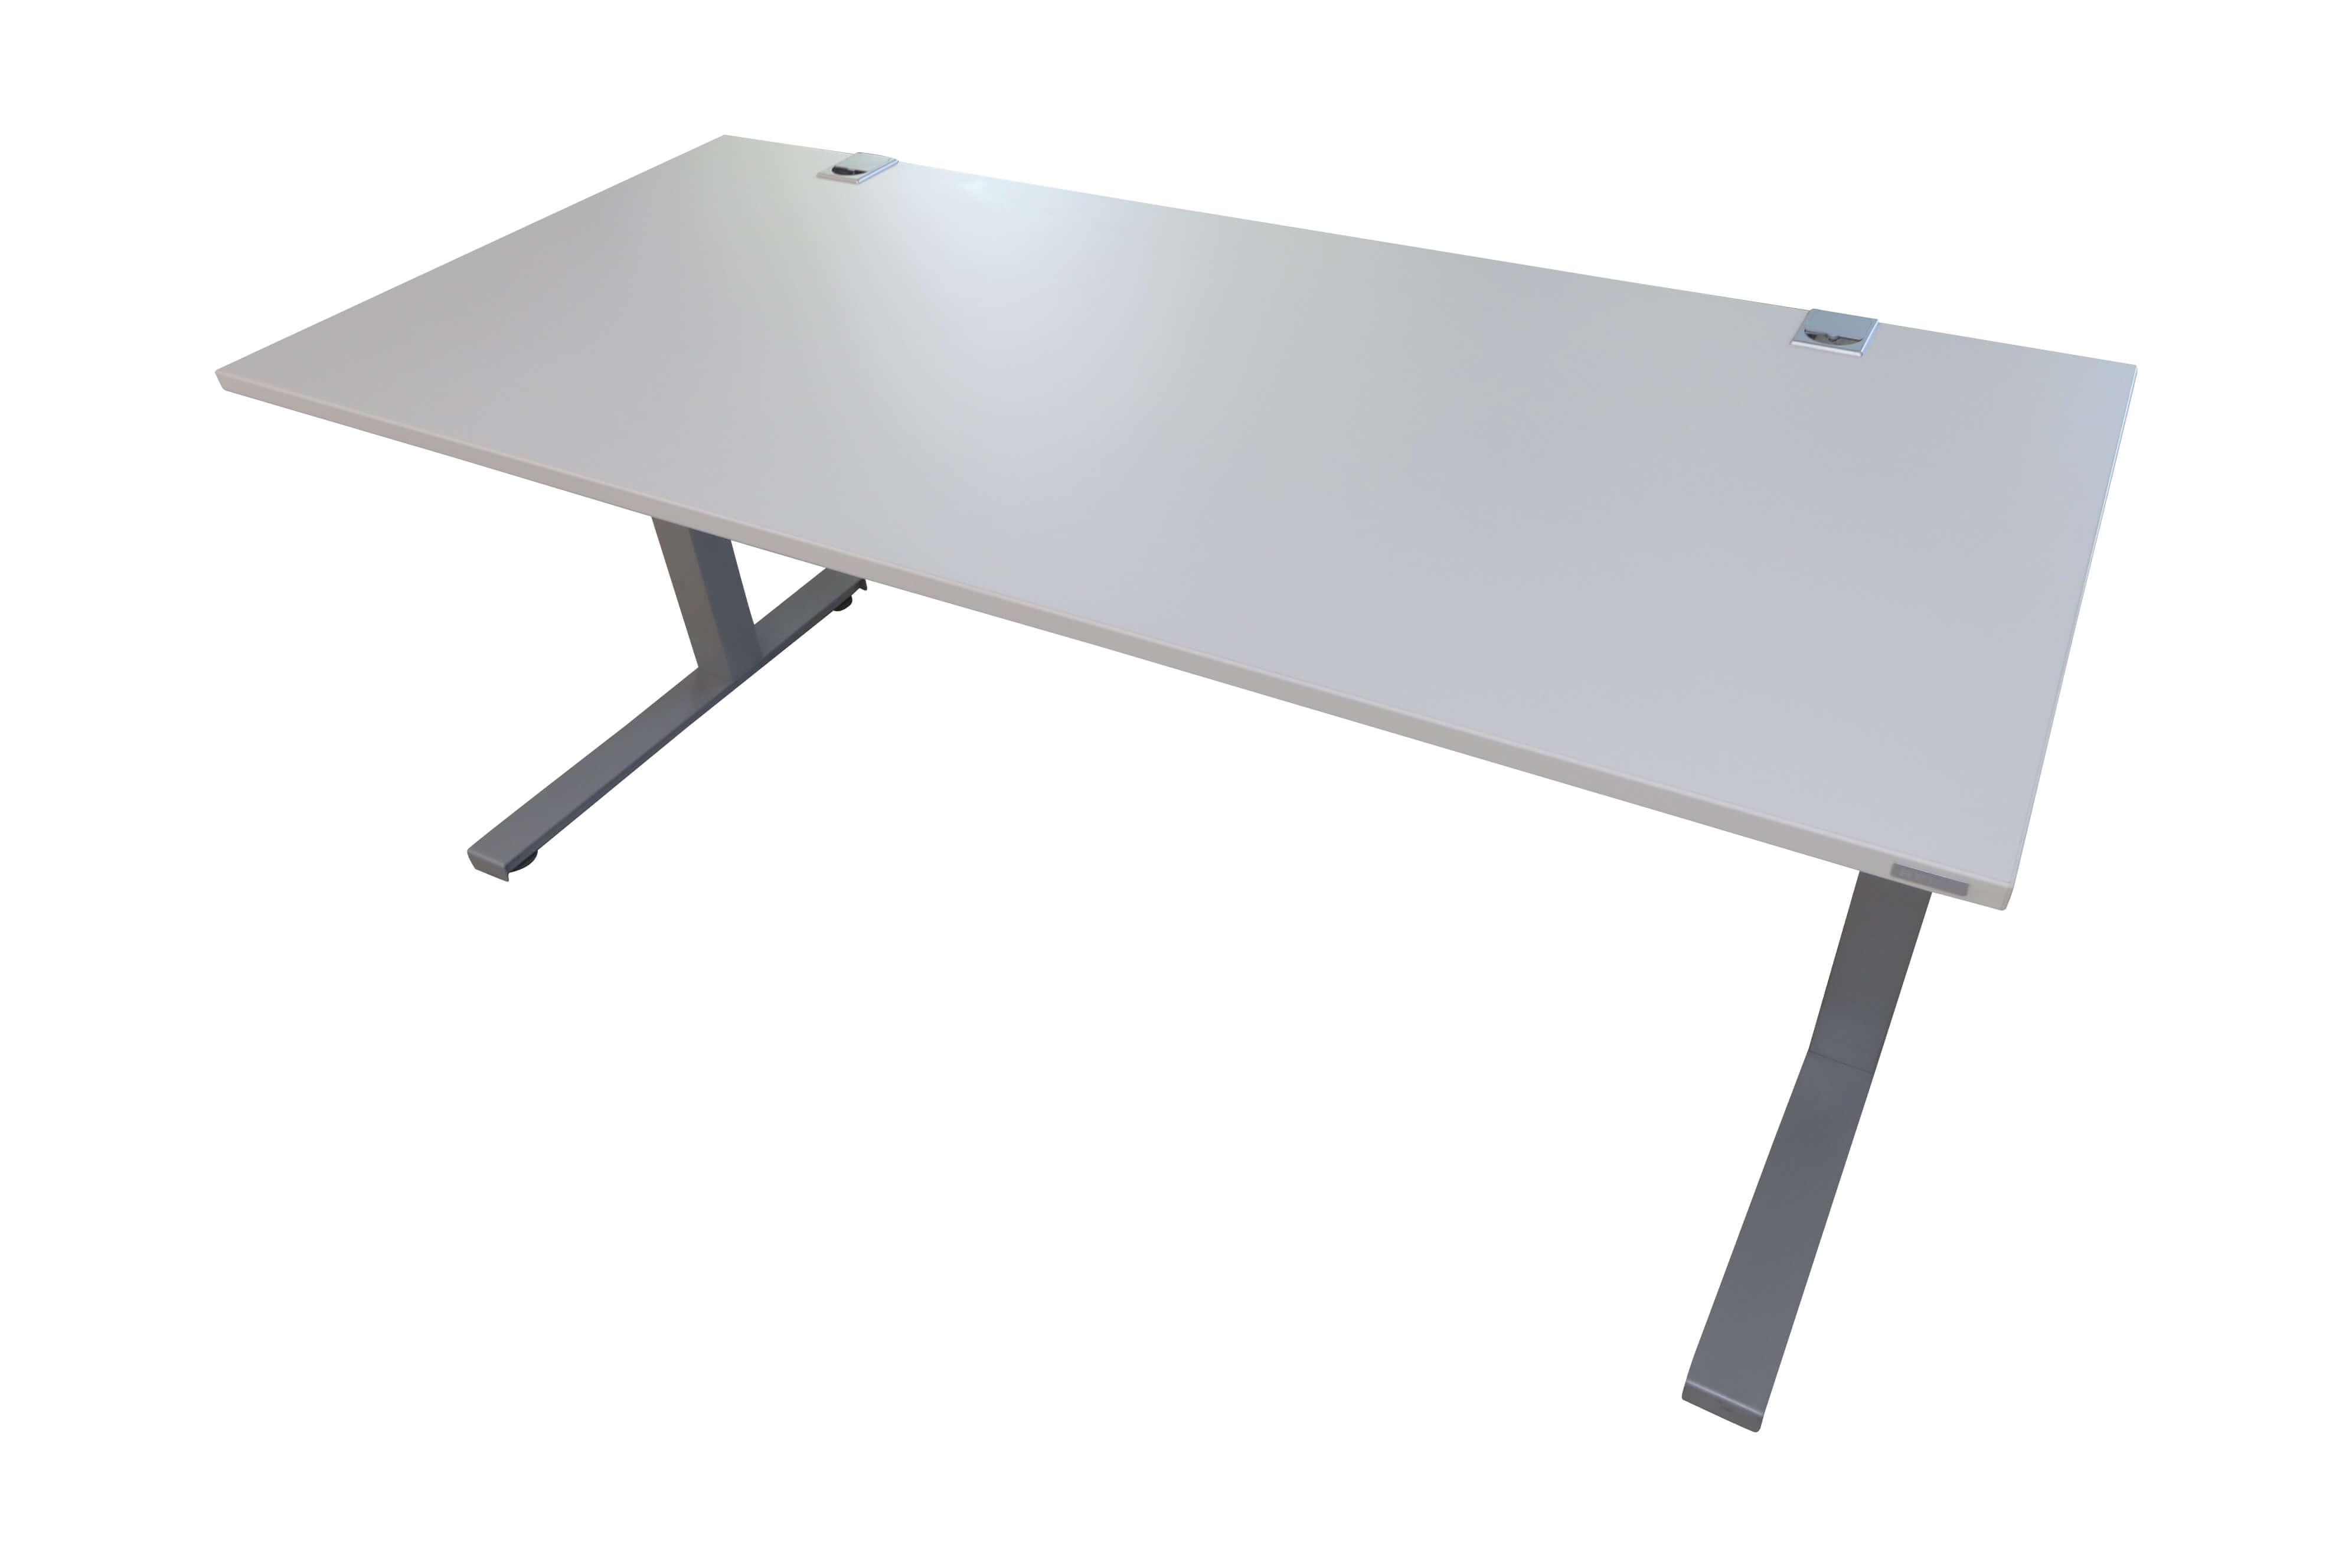 Reiss Schreibtisch 180x80 Cm Höhenverstellbar Gebraucht